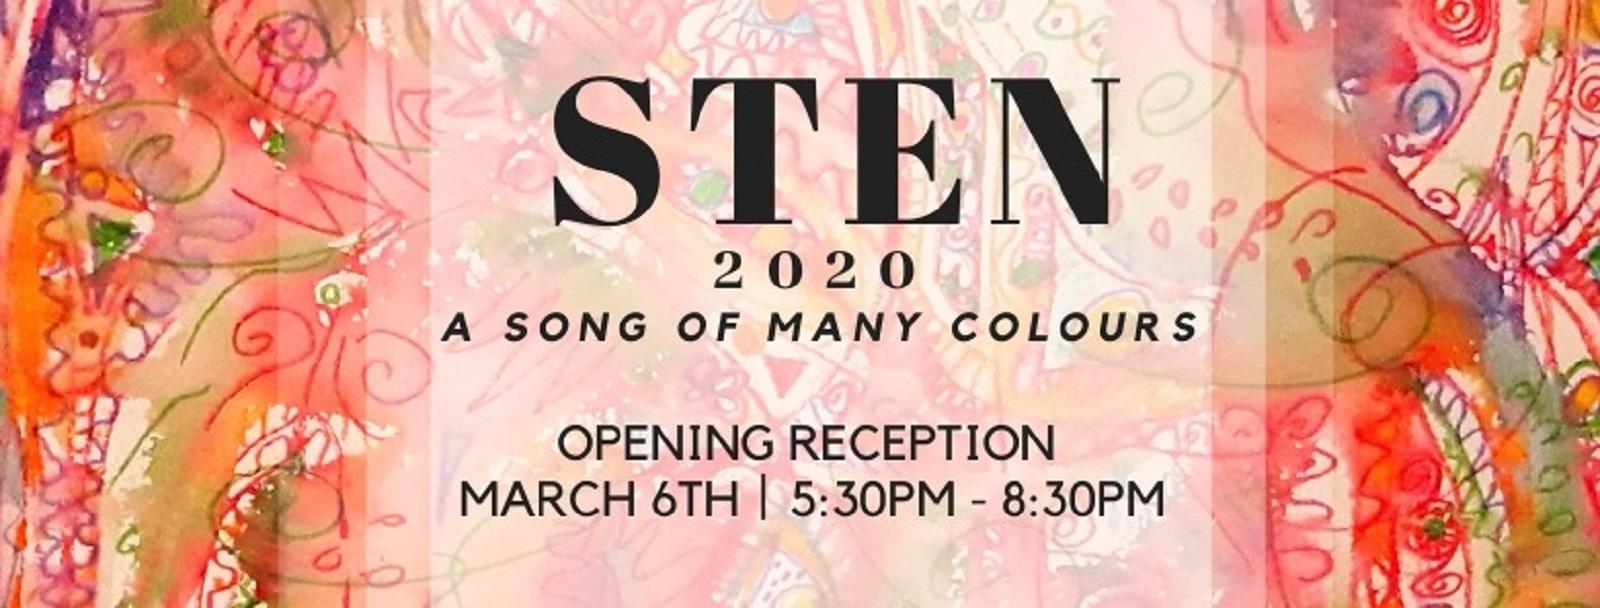 Sten Art Show